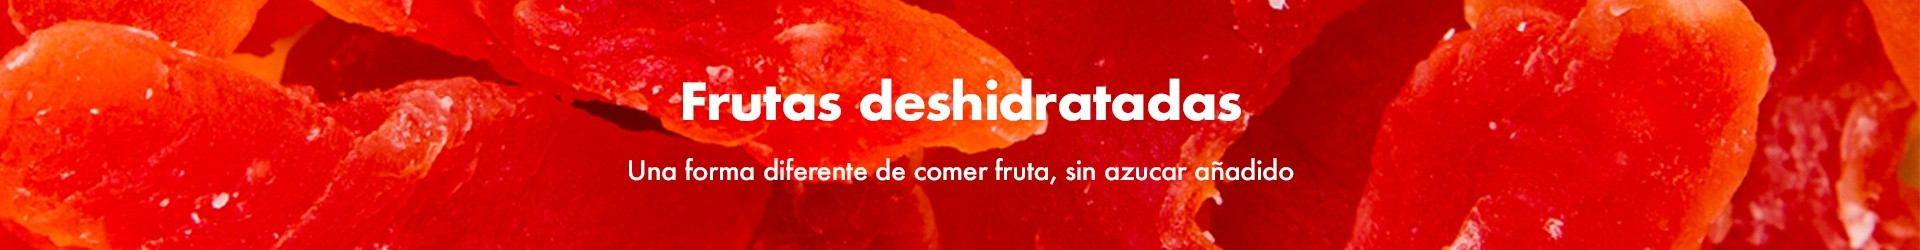 Frutas deshidratadas · La vida a granel